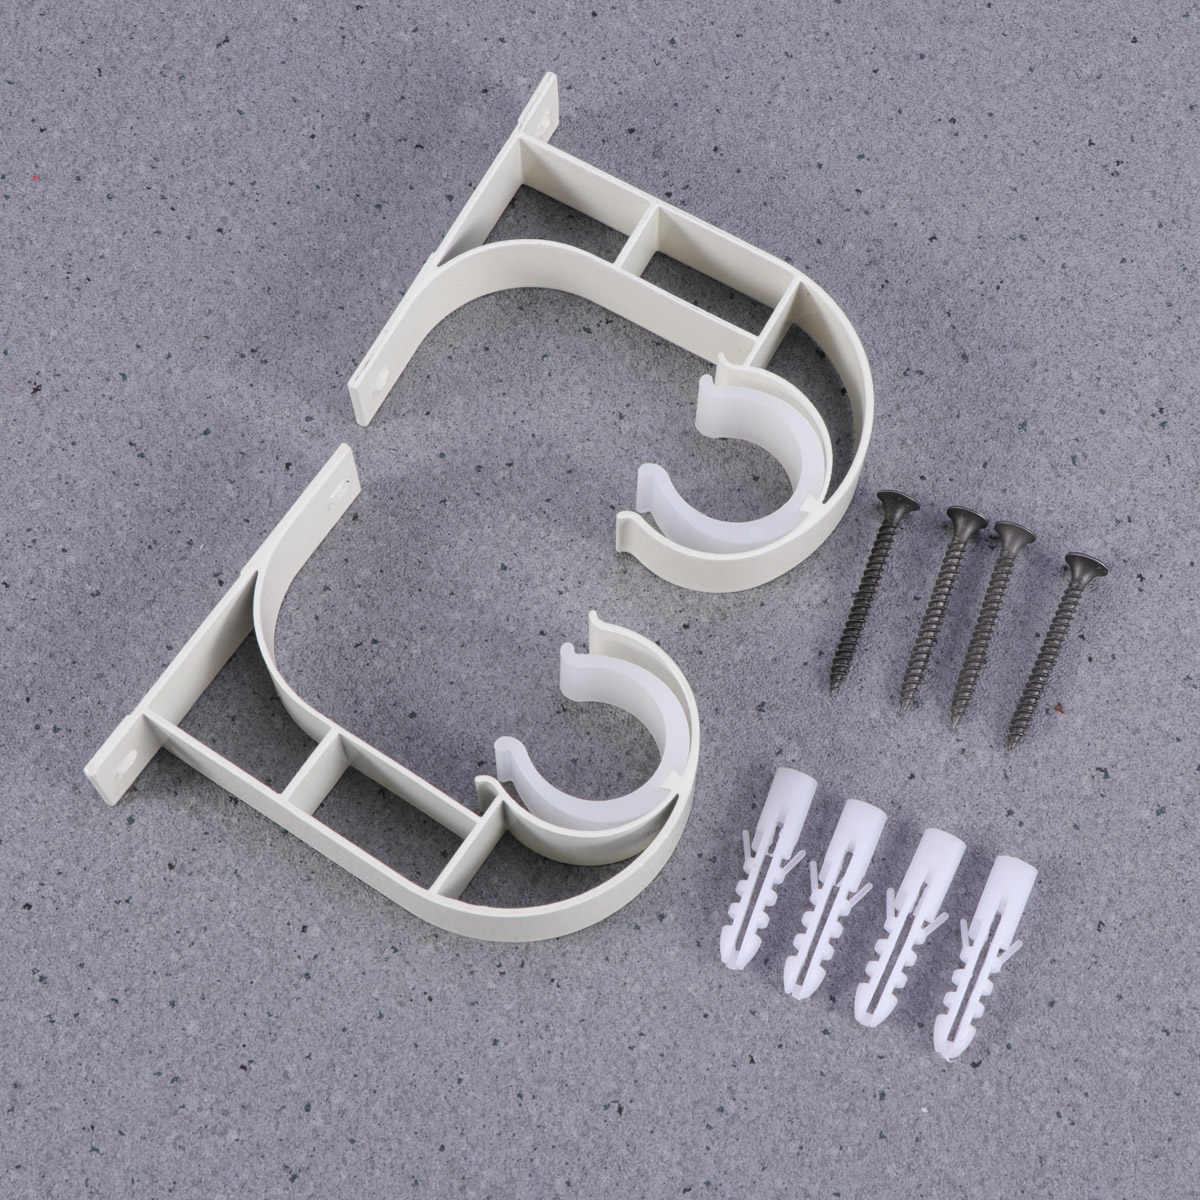 2 Pcs Aluminium Alloy Ceiling Curtain Rod Holder Rod Brackets For Bedroom Living Room (White)